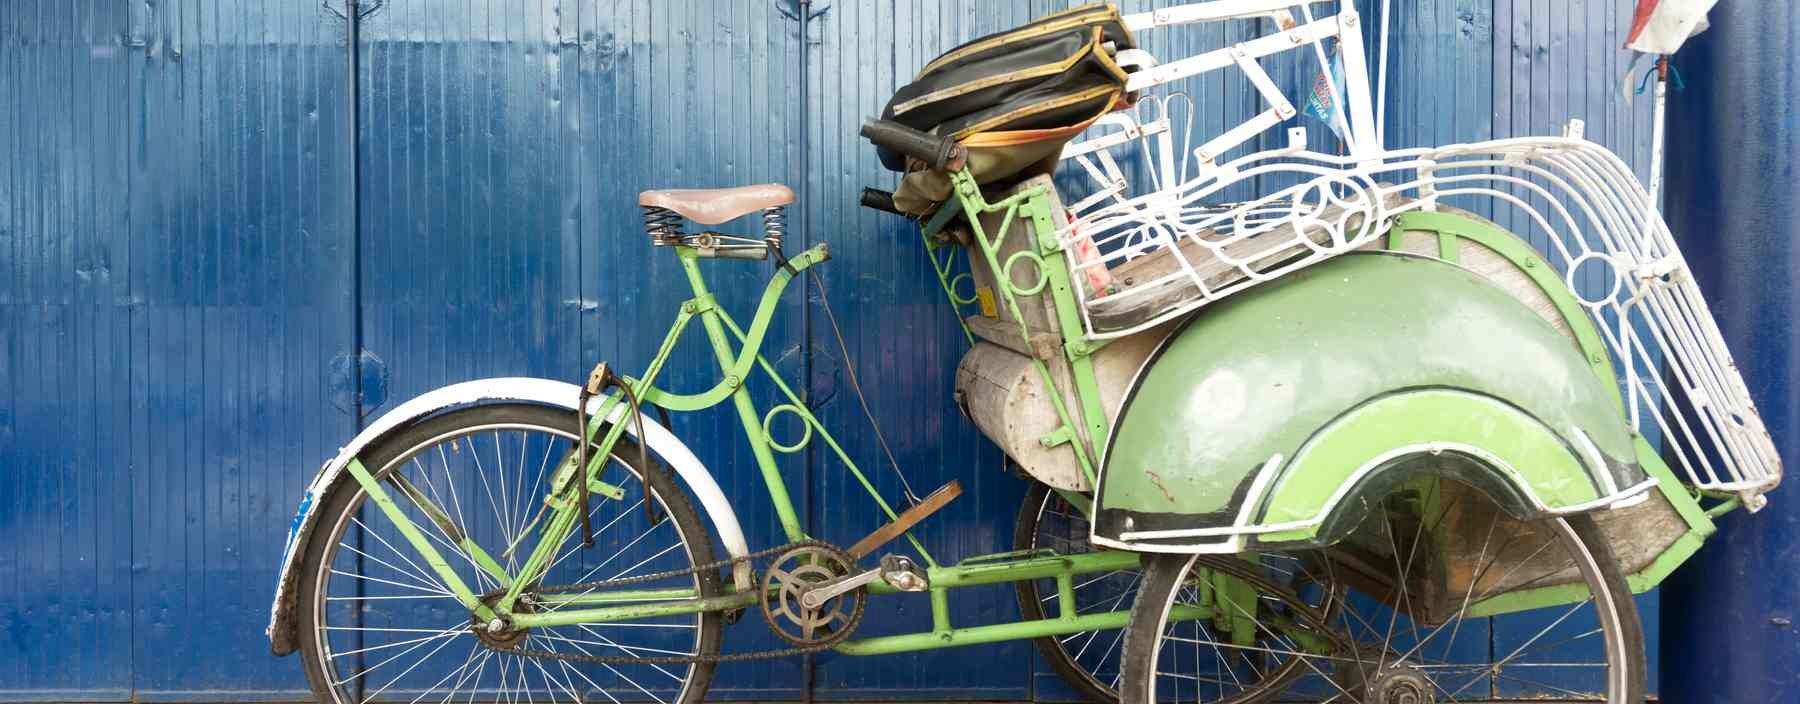 id, java, rickshaw in jogjkarta.jpg